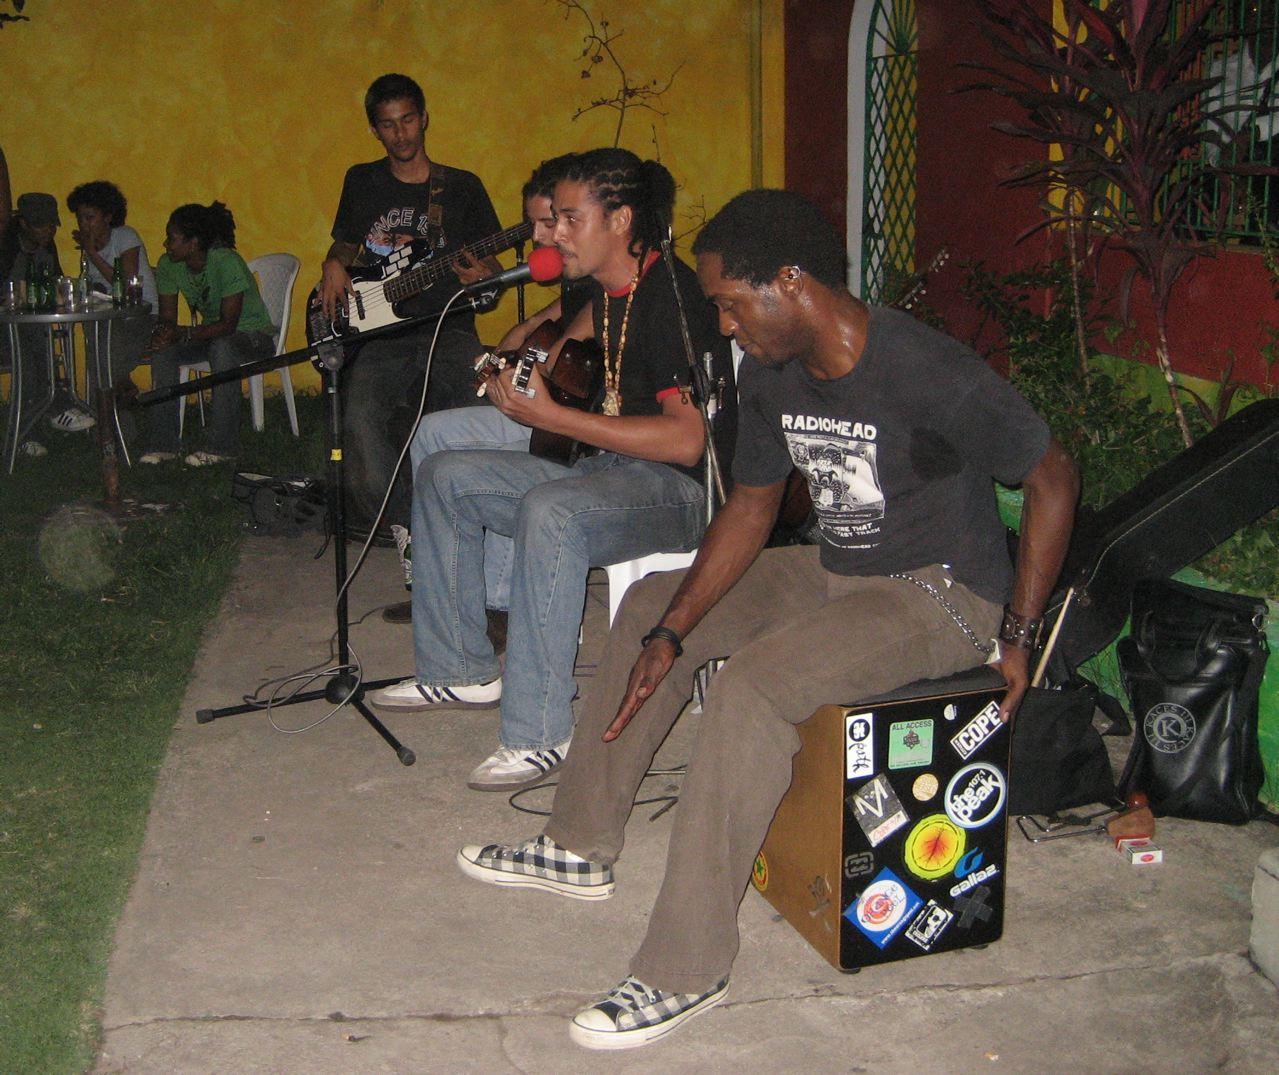 Rasheed Band